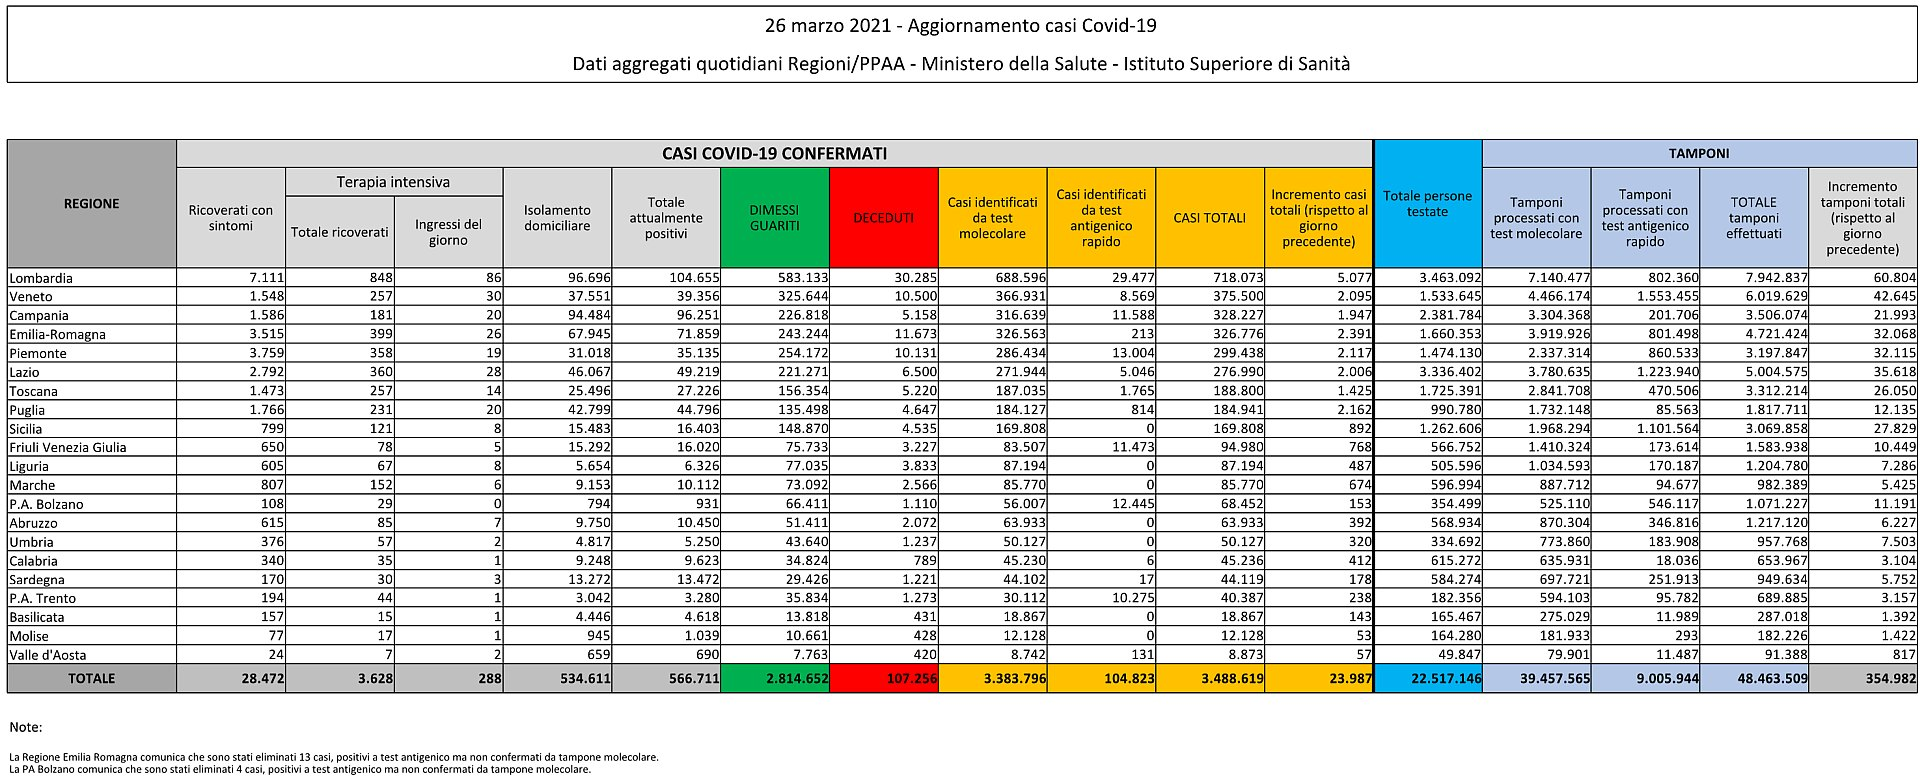 26 marzo 2021 - Aggiornamento casi Covid-19 Dati aggregati quotidiani Regioni/PPAA - Ministero della Salute - Istituto Superiore di Sanità